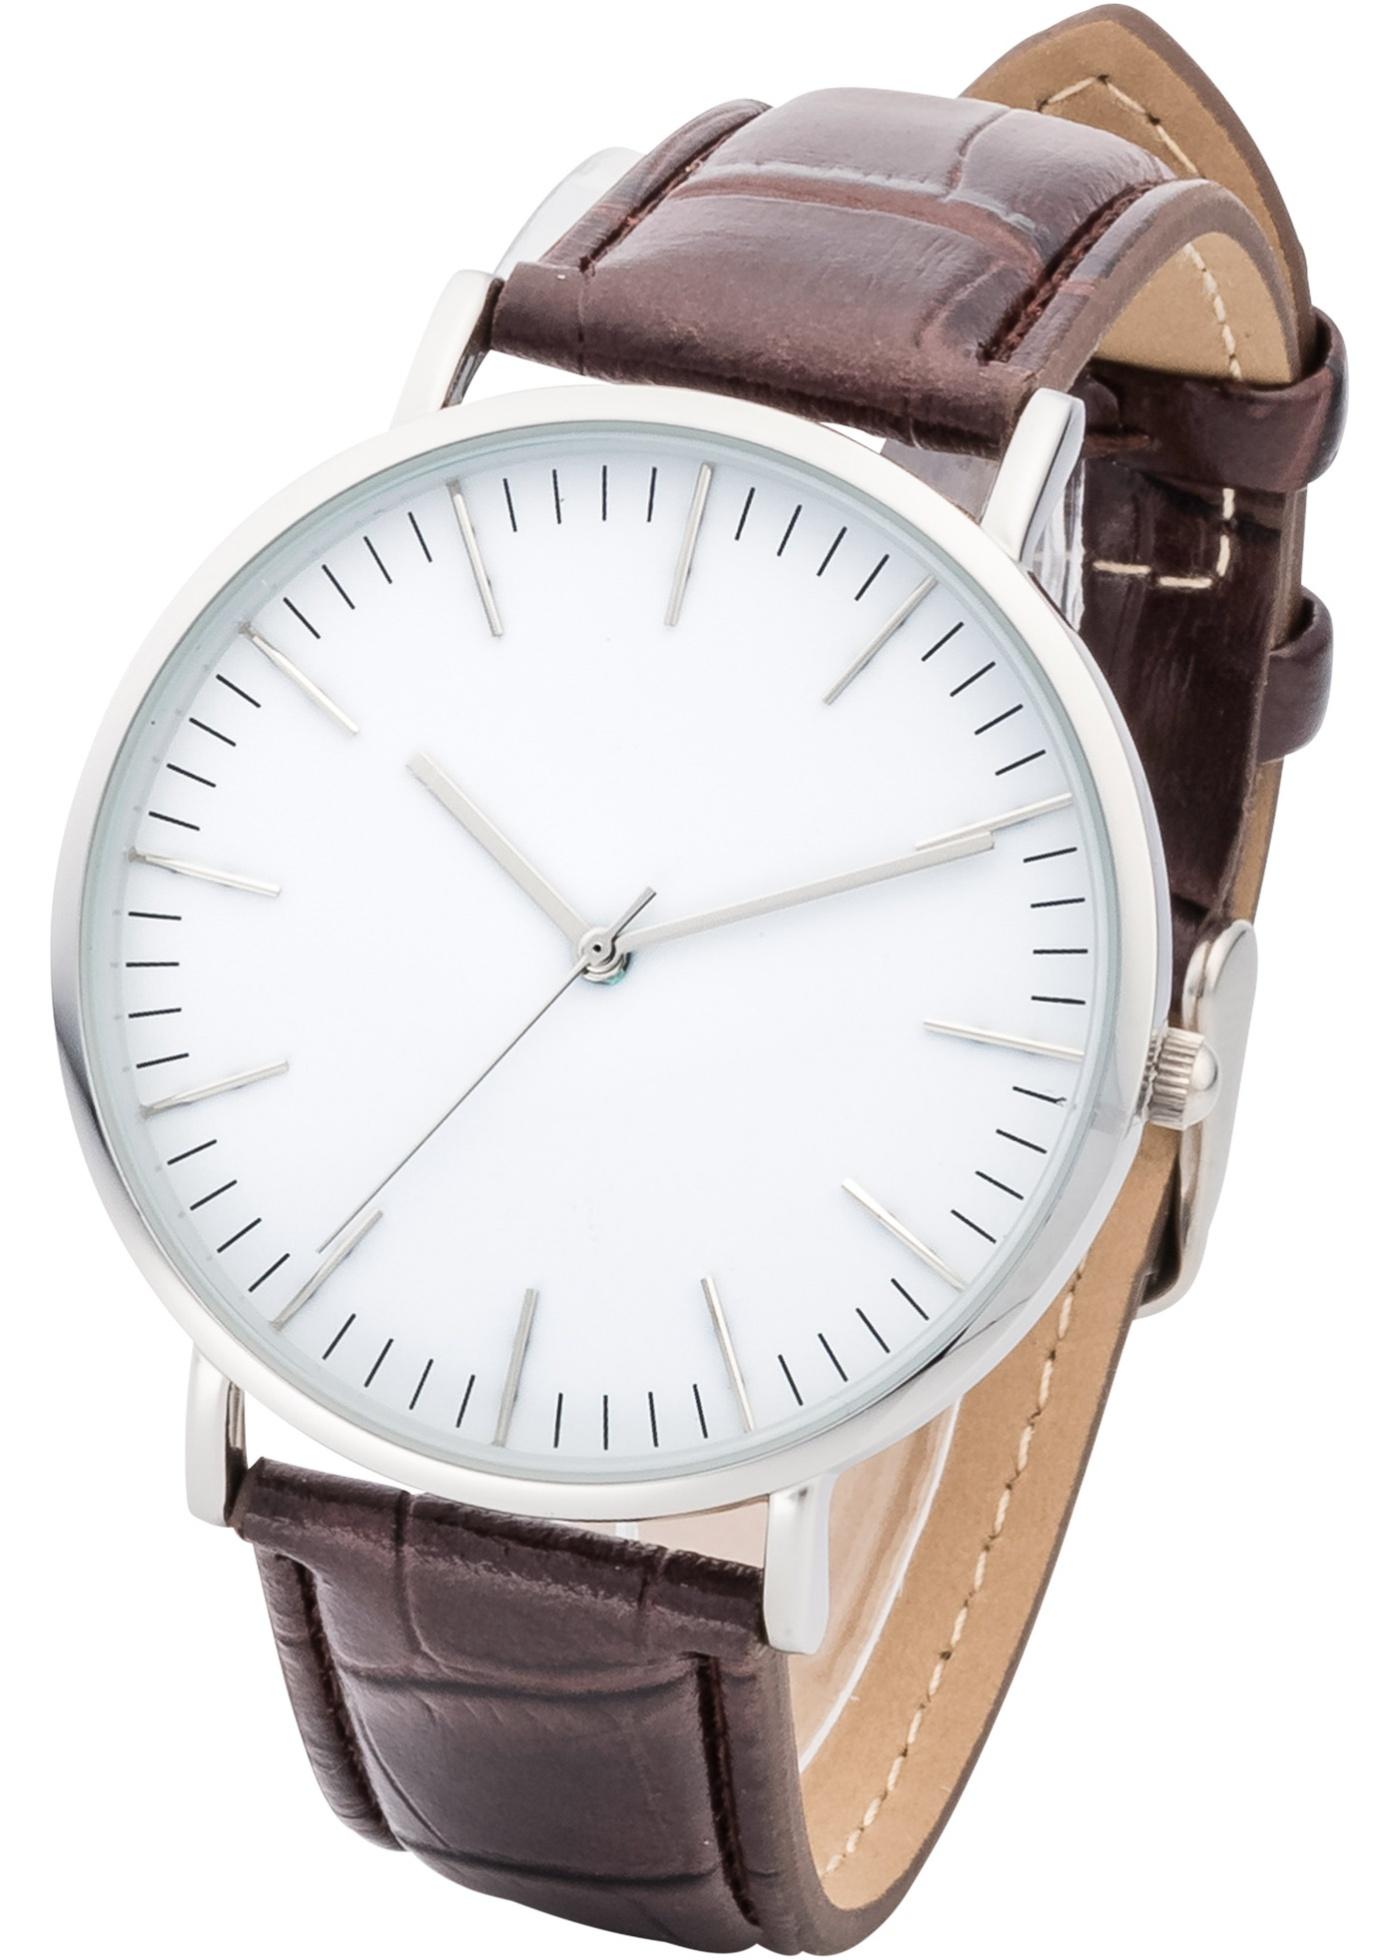 Orologio classico da uomo